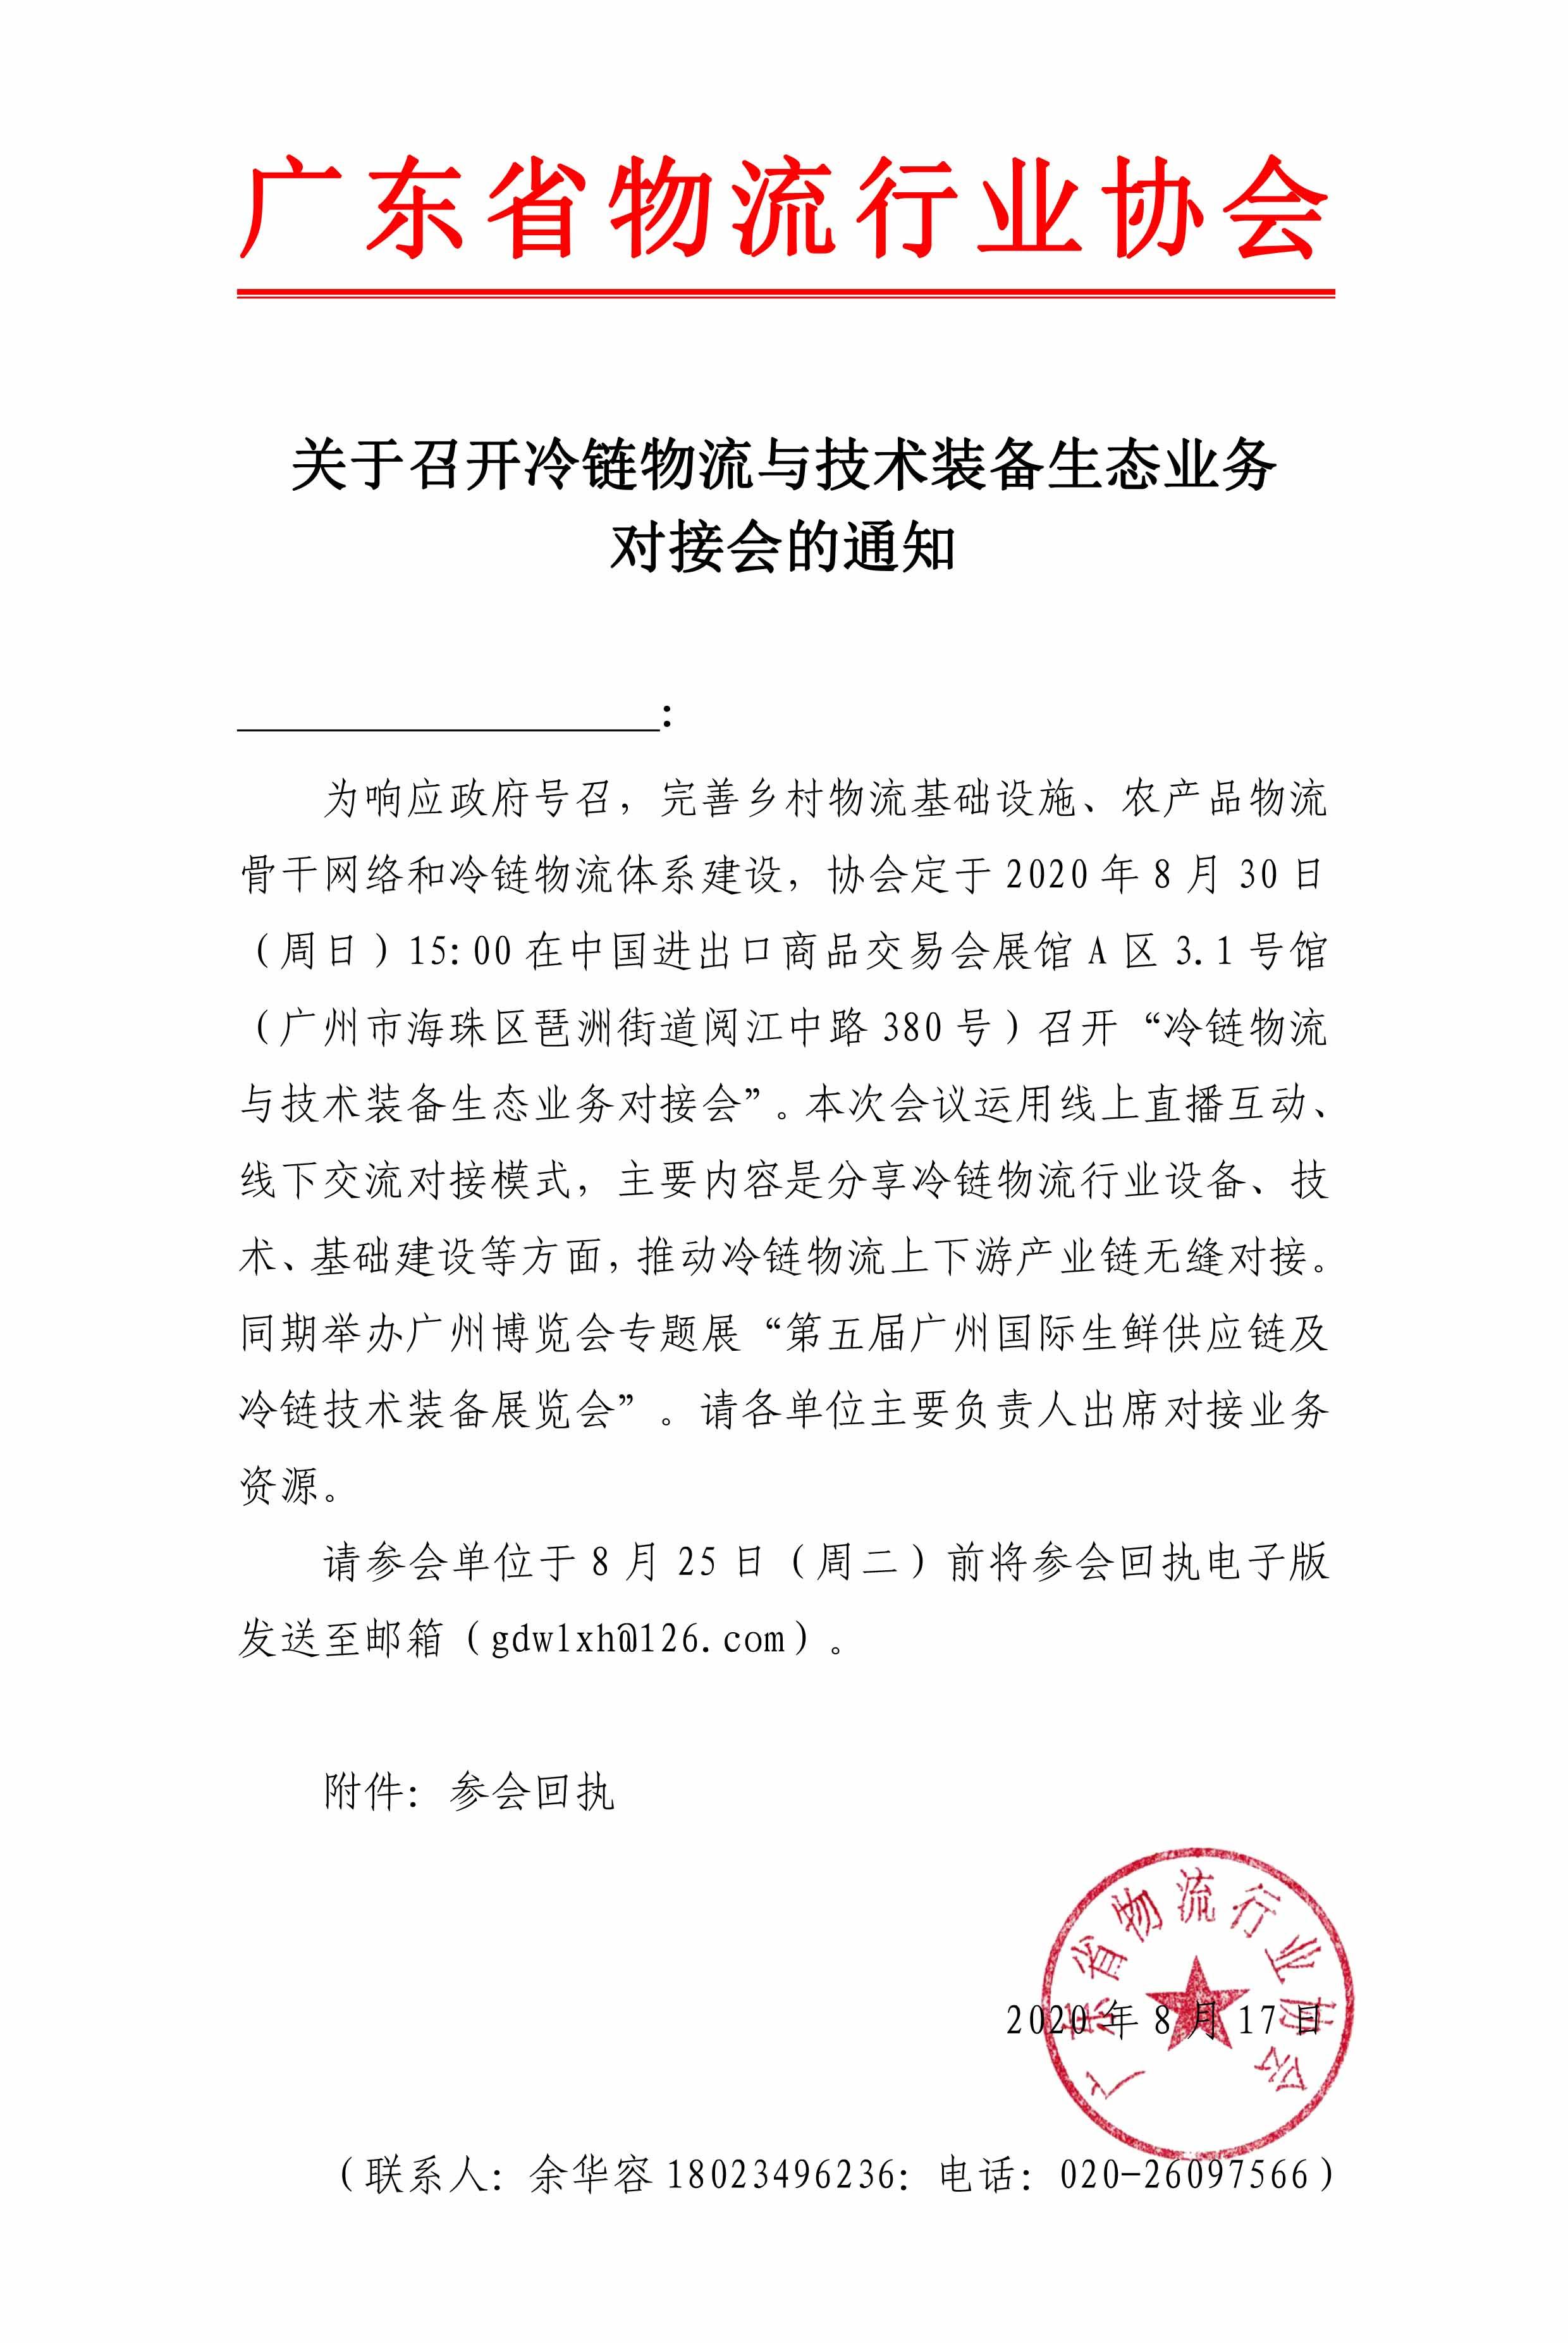 关于邀请参加冷链万博博彩苹果app下载与技术装备生态业务对接会的通知(1)(2)(1)(1).jpg